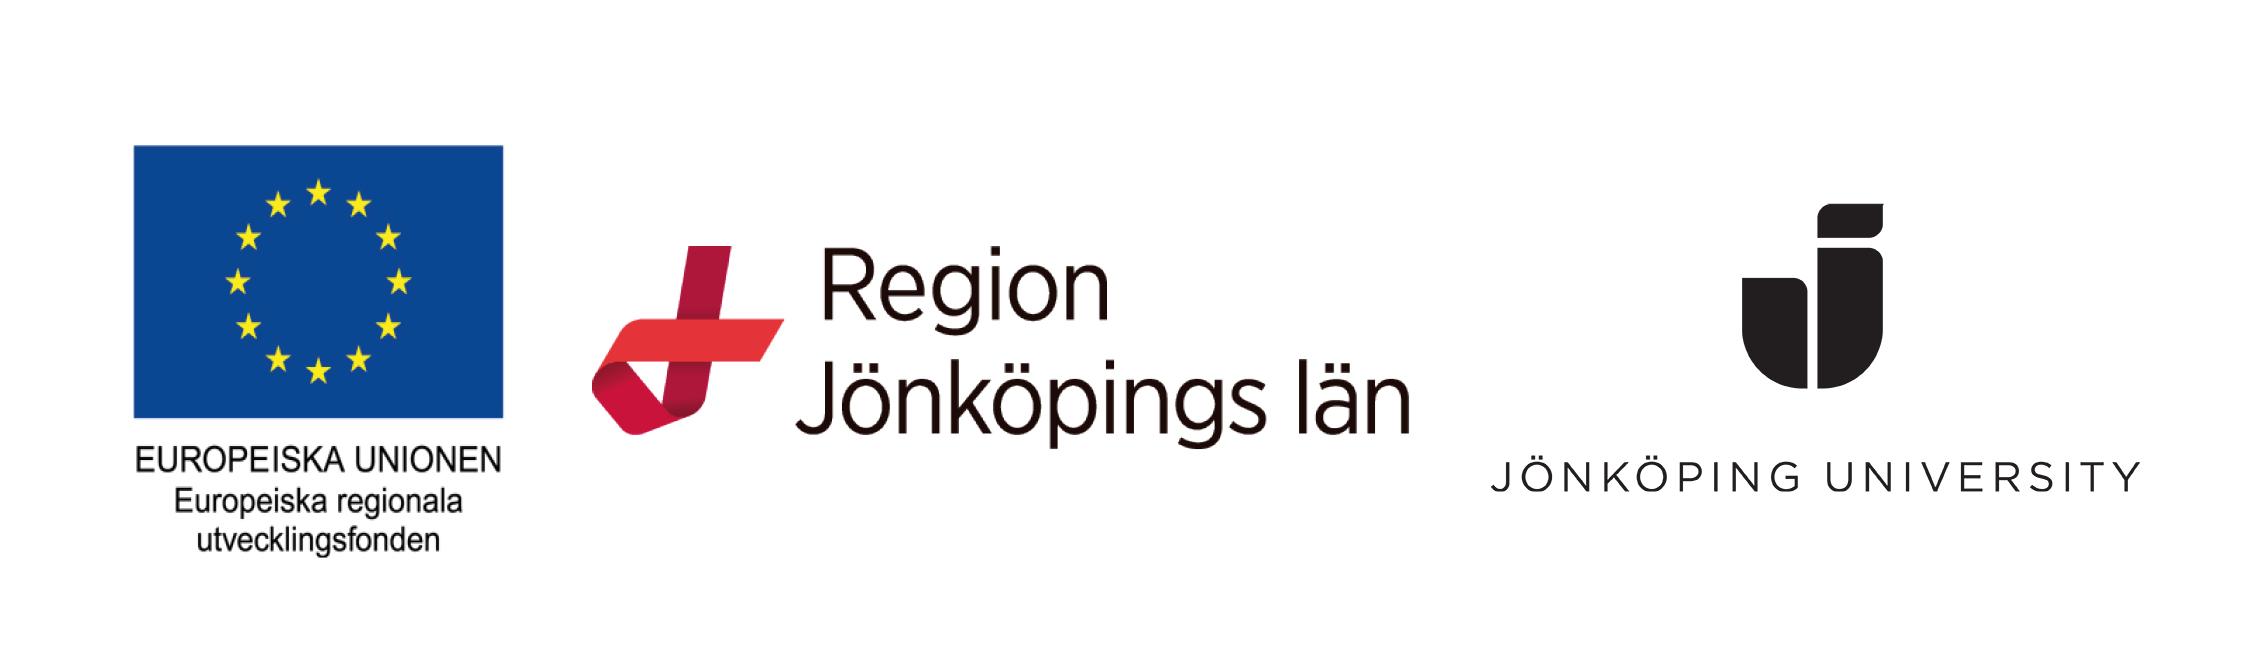 eu-region-jonkoing-ju